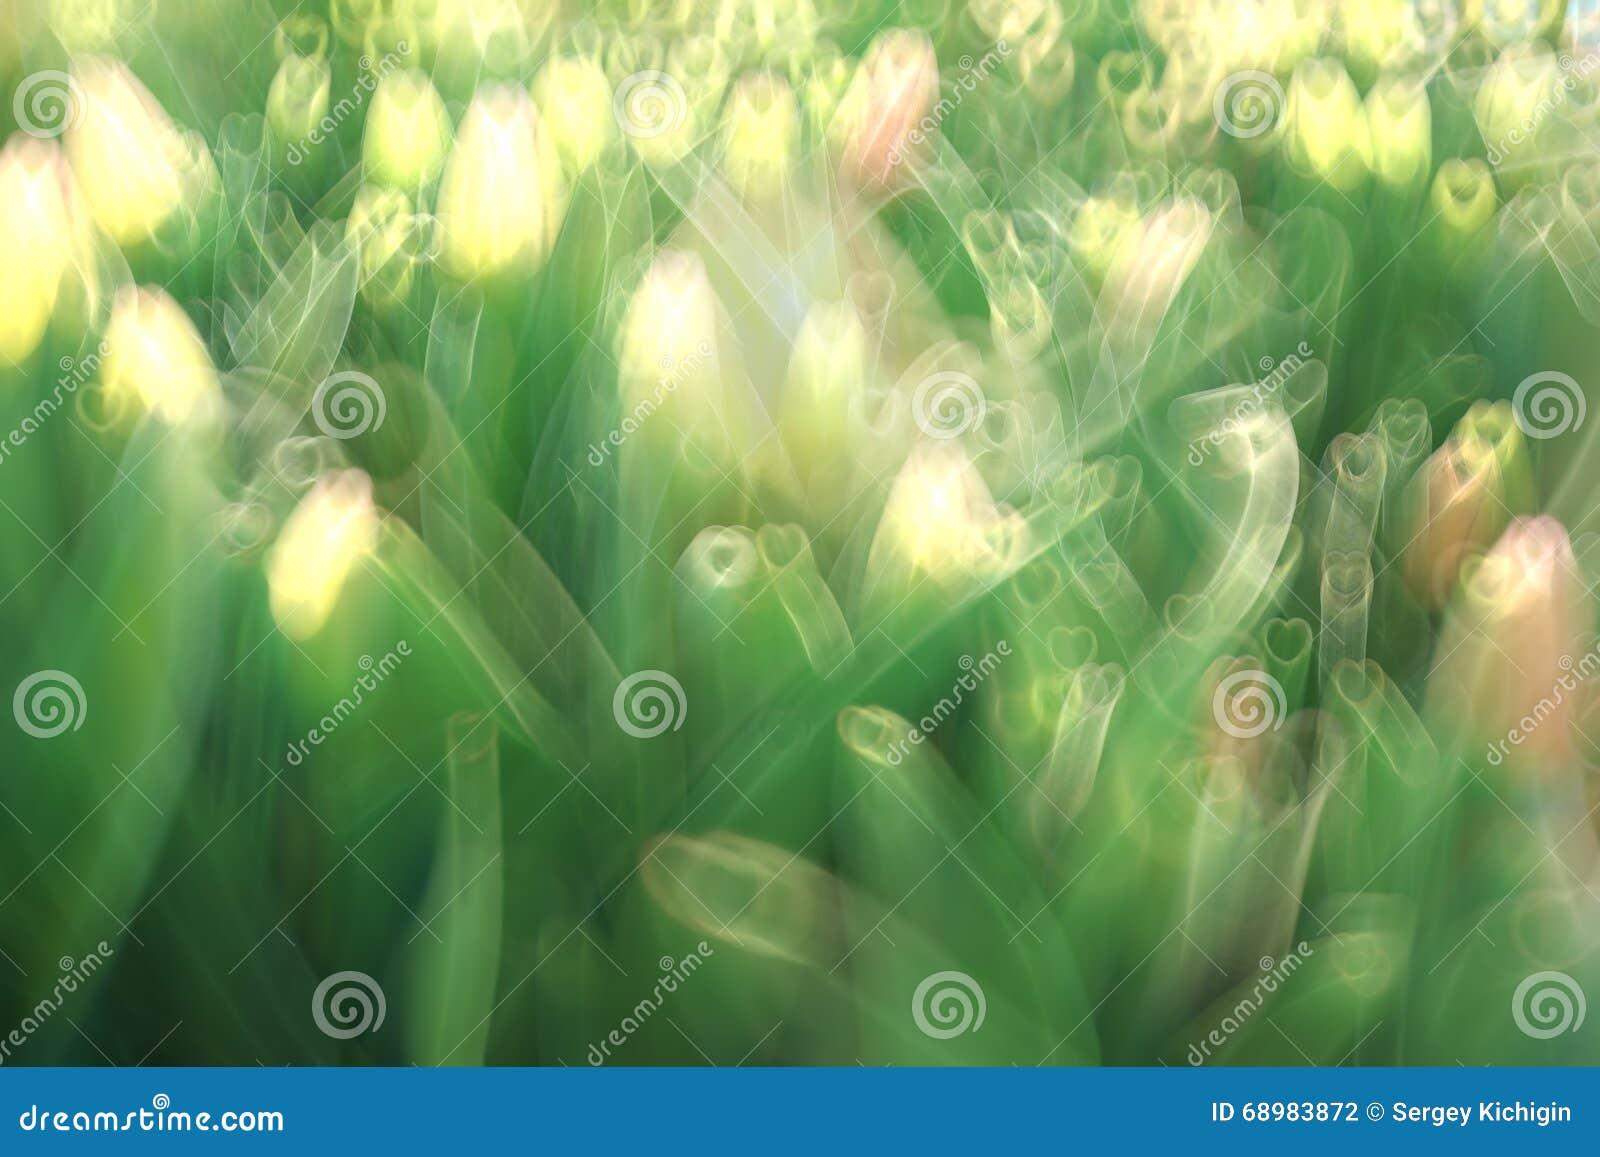 Follaje verde fresco de la primavera de la falta de definición